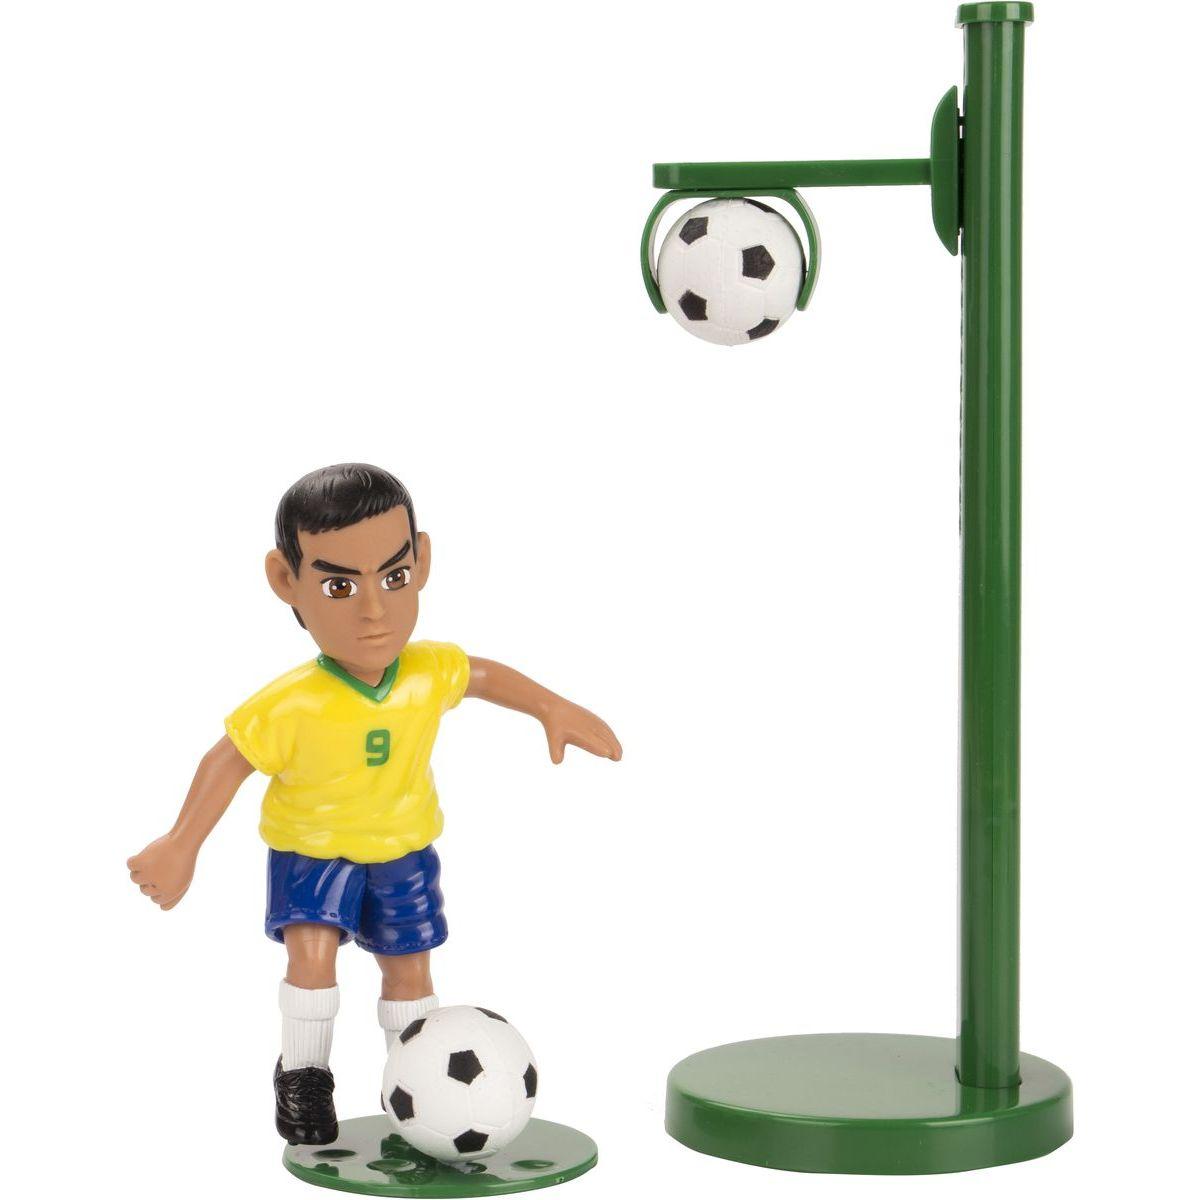 EP Line Shooters futbalista s držiakom na loptu Brazílie